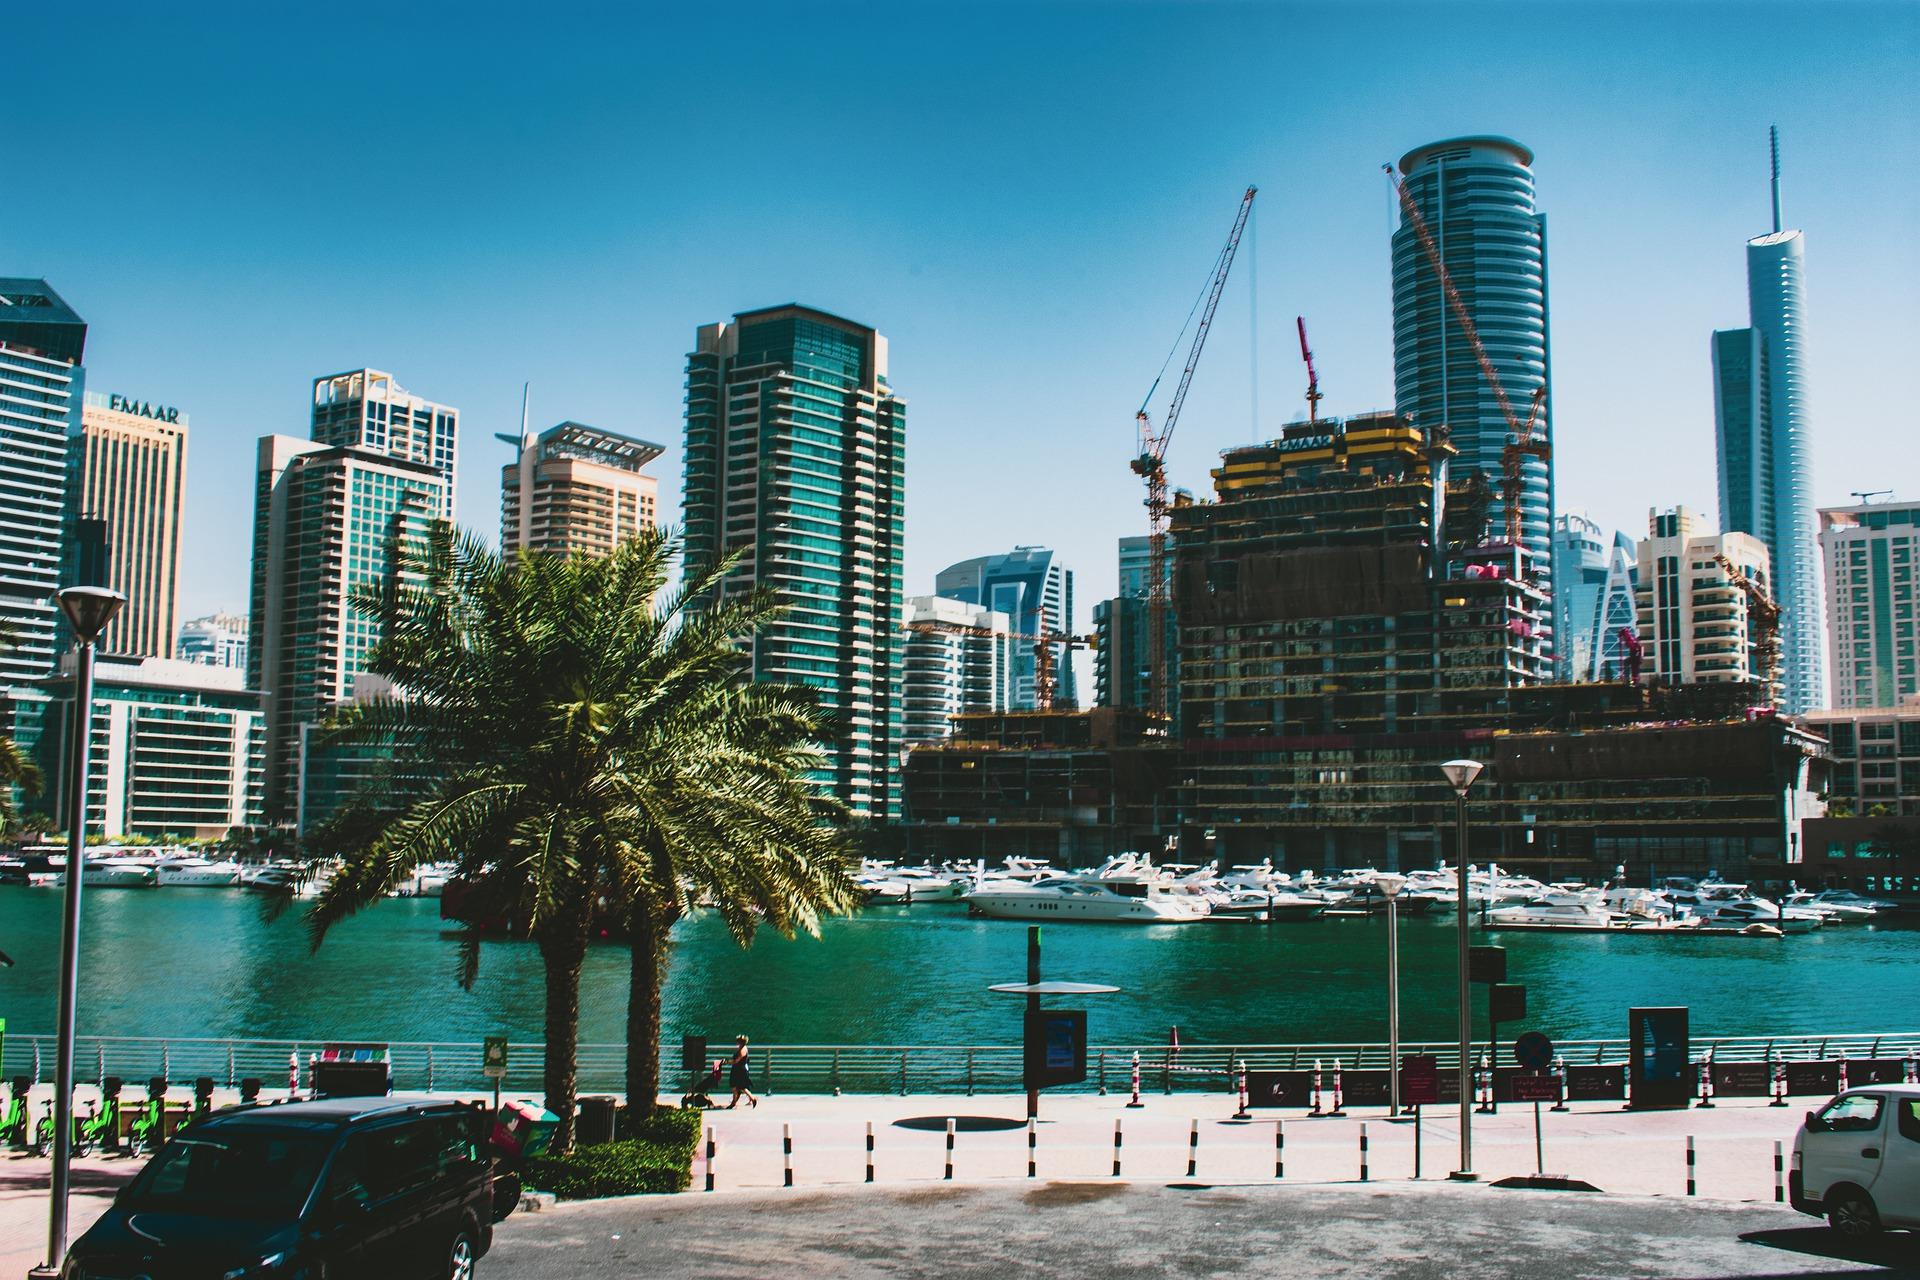 Бизнес в Арабских Эмиратах: мифы